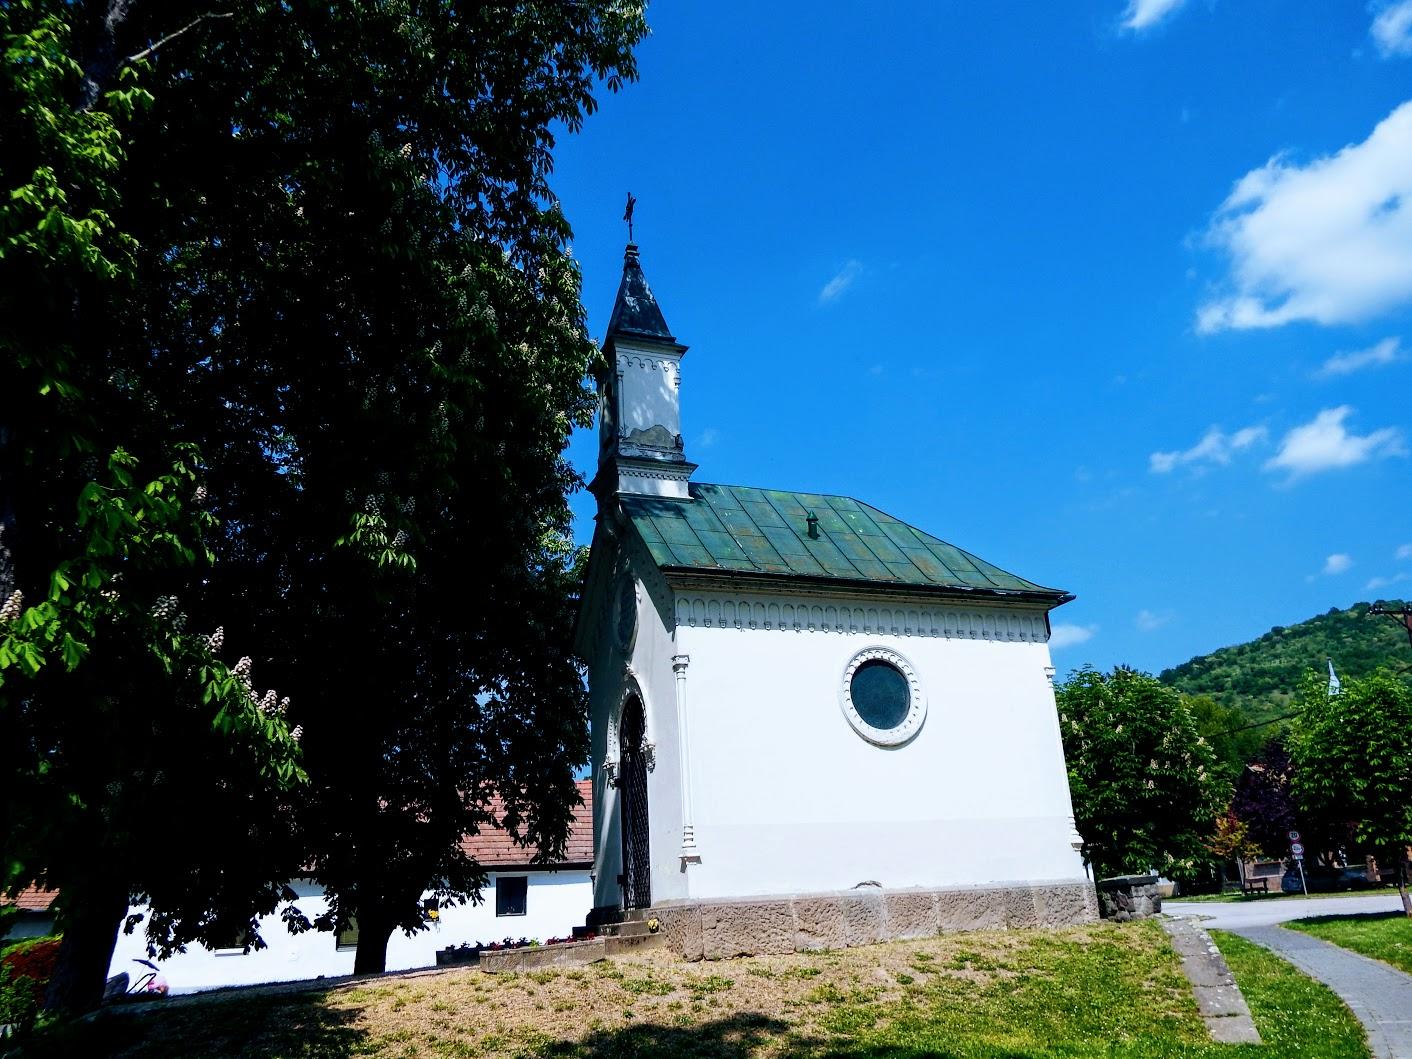 Visegrád - Milleniumi Szent Sebestyén-kápolna